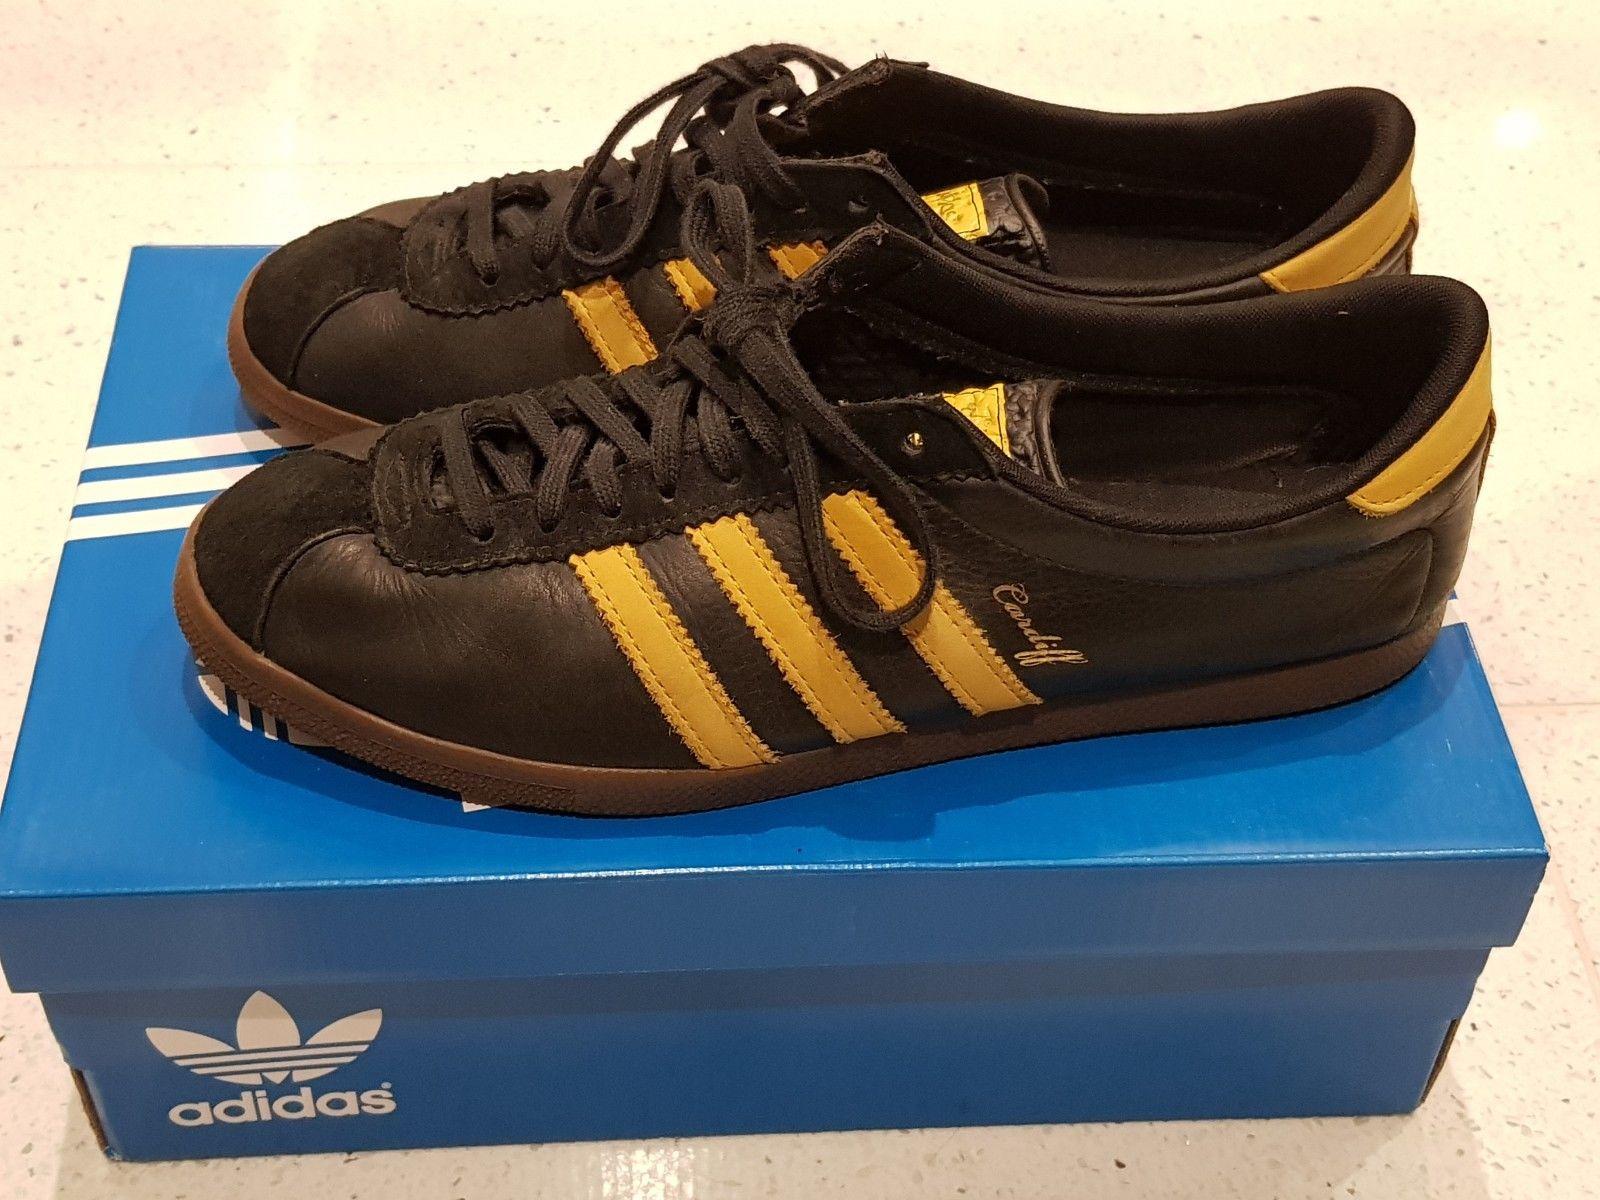 emocionante lanzadera Gato de salto  Adidas Cardiff 1/500 Deadstock For Sale | Vintage1500